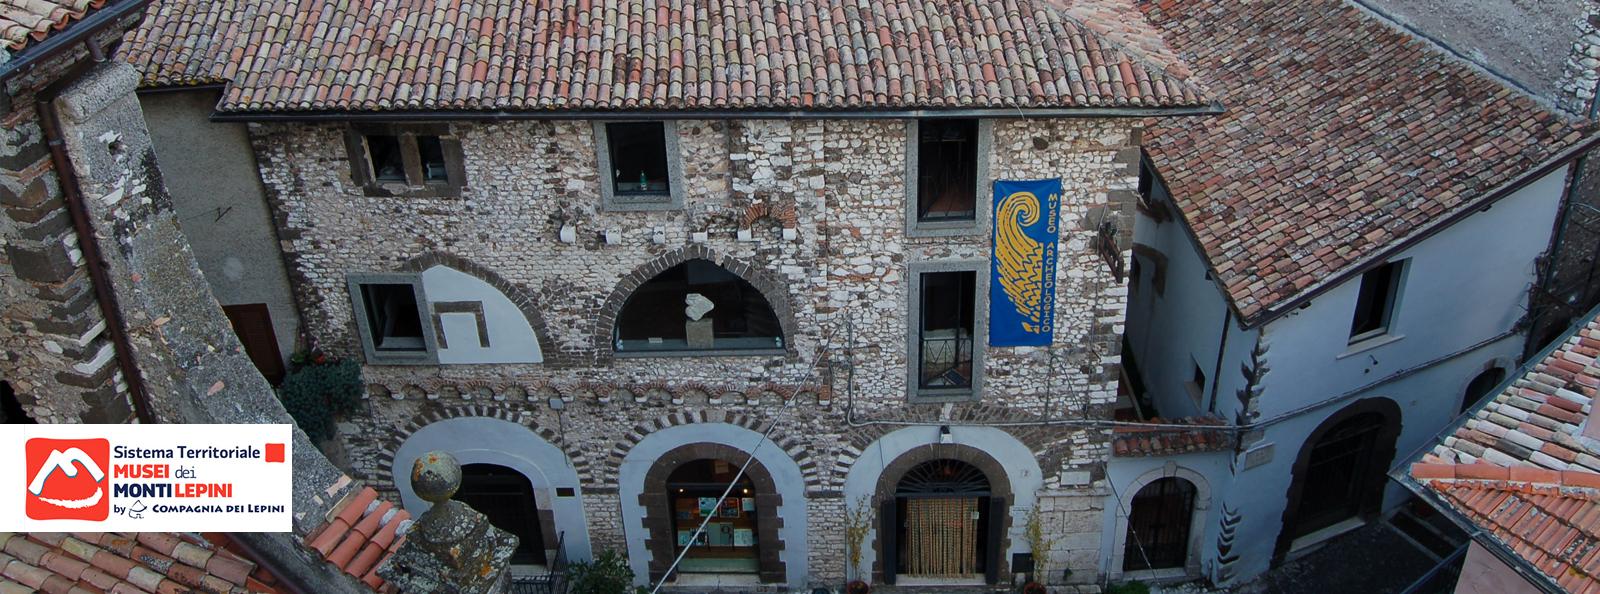 museoarcheologicodisegni-ok